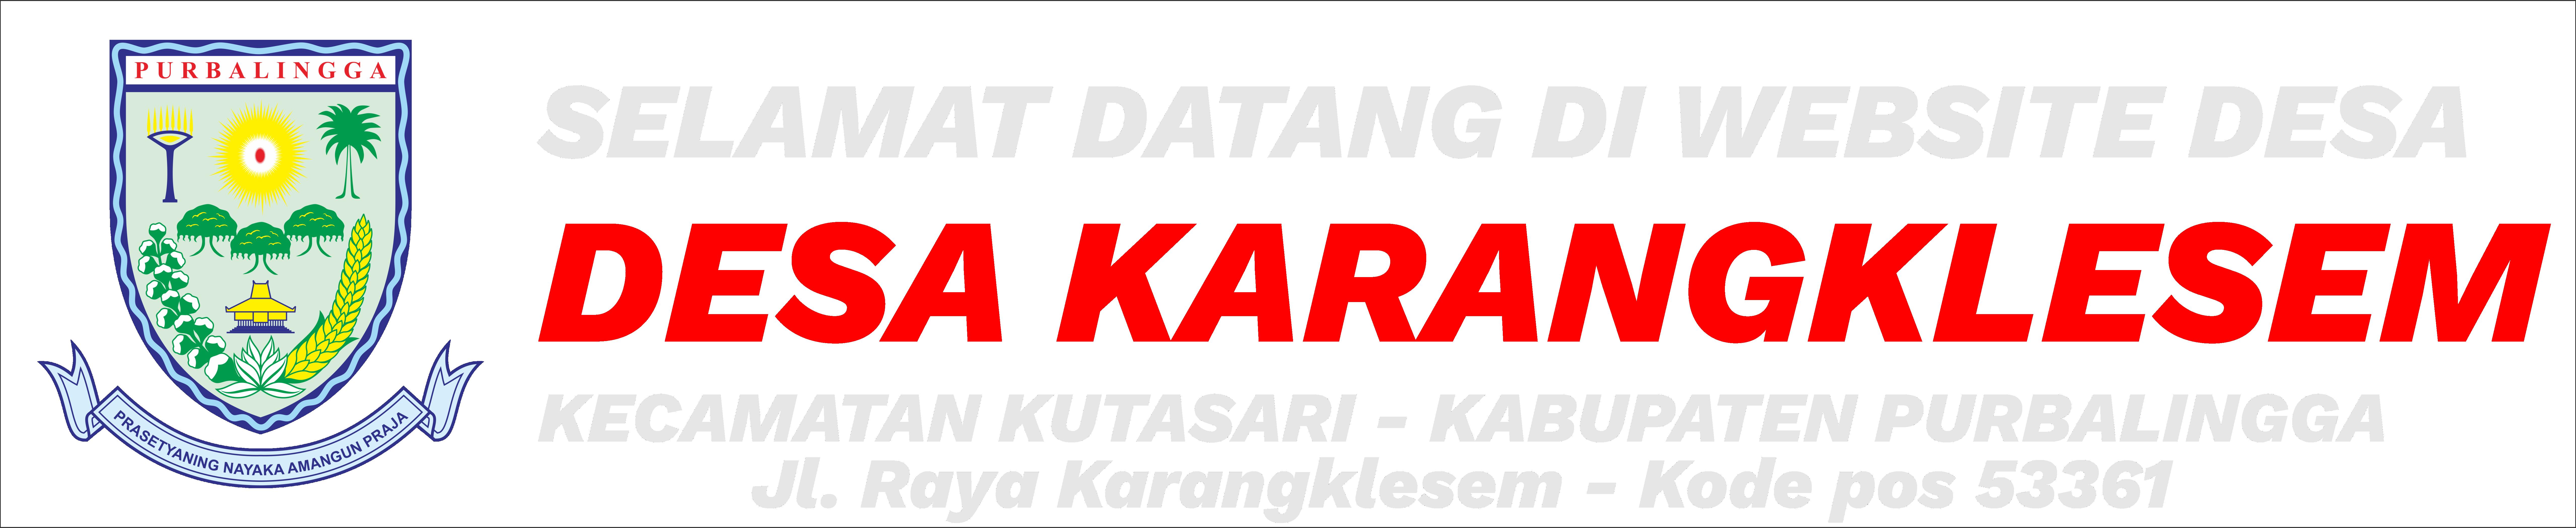 Desa Karangklesem